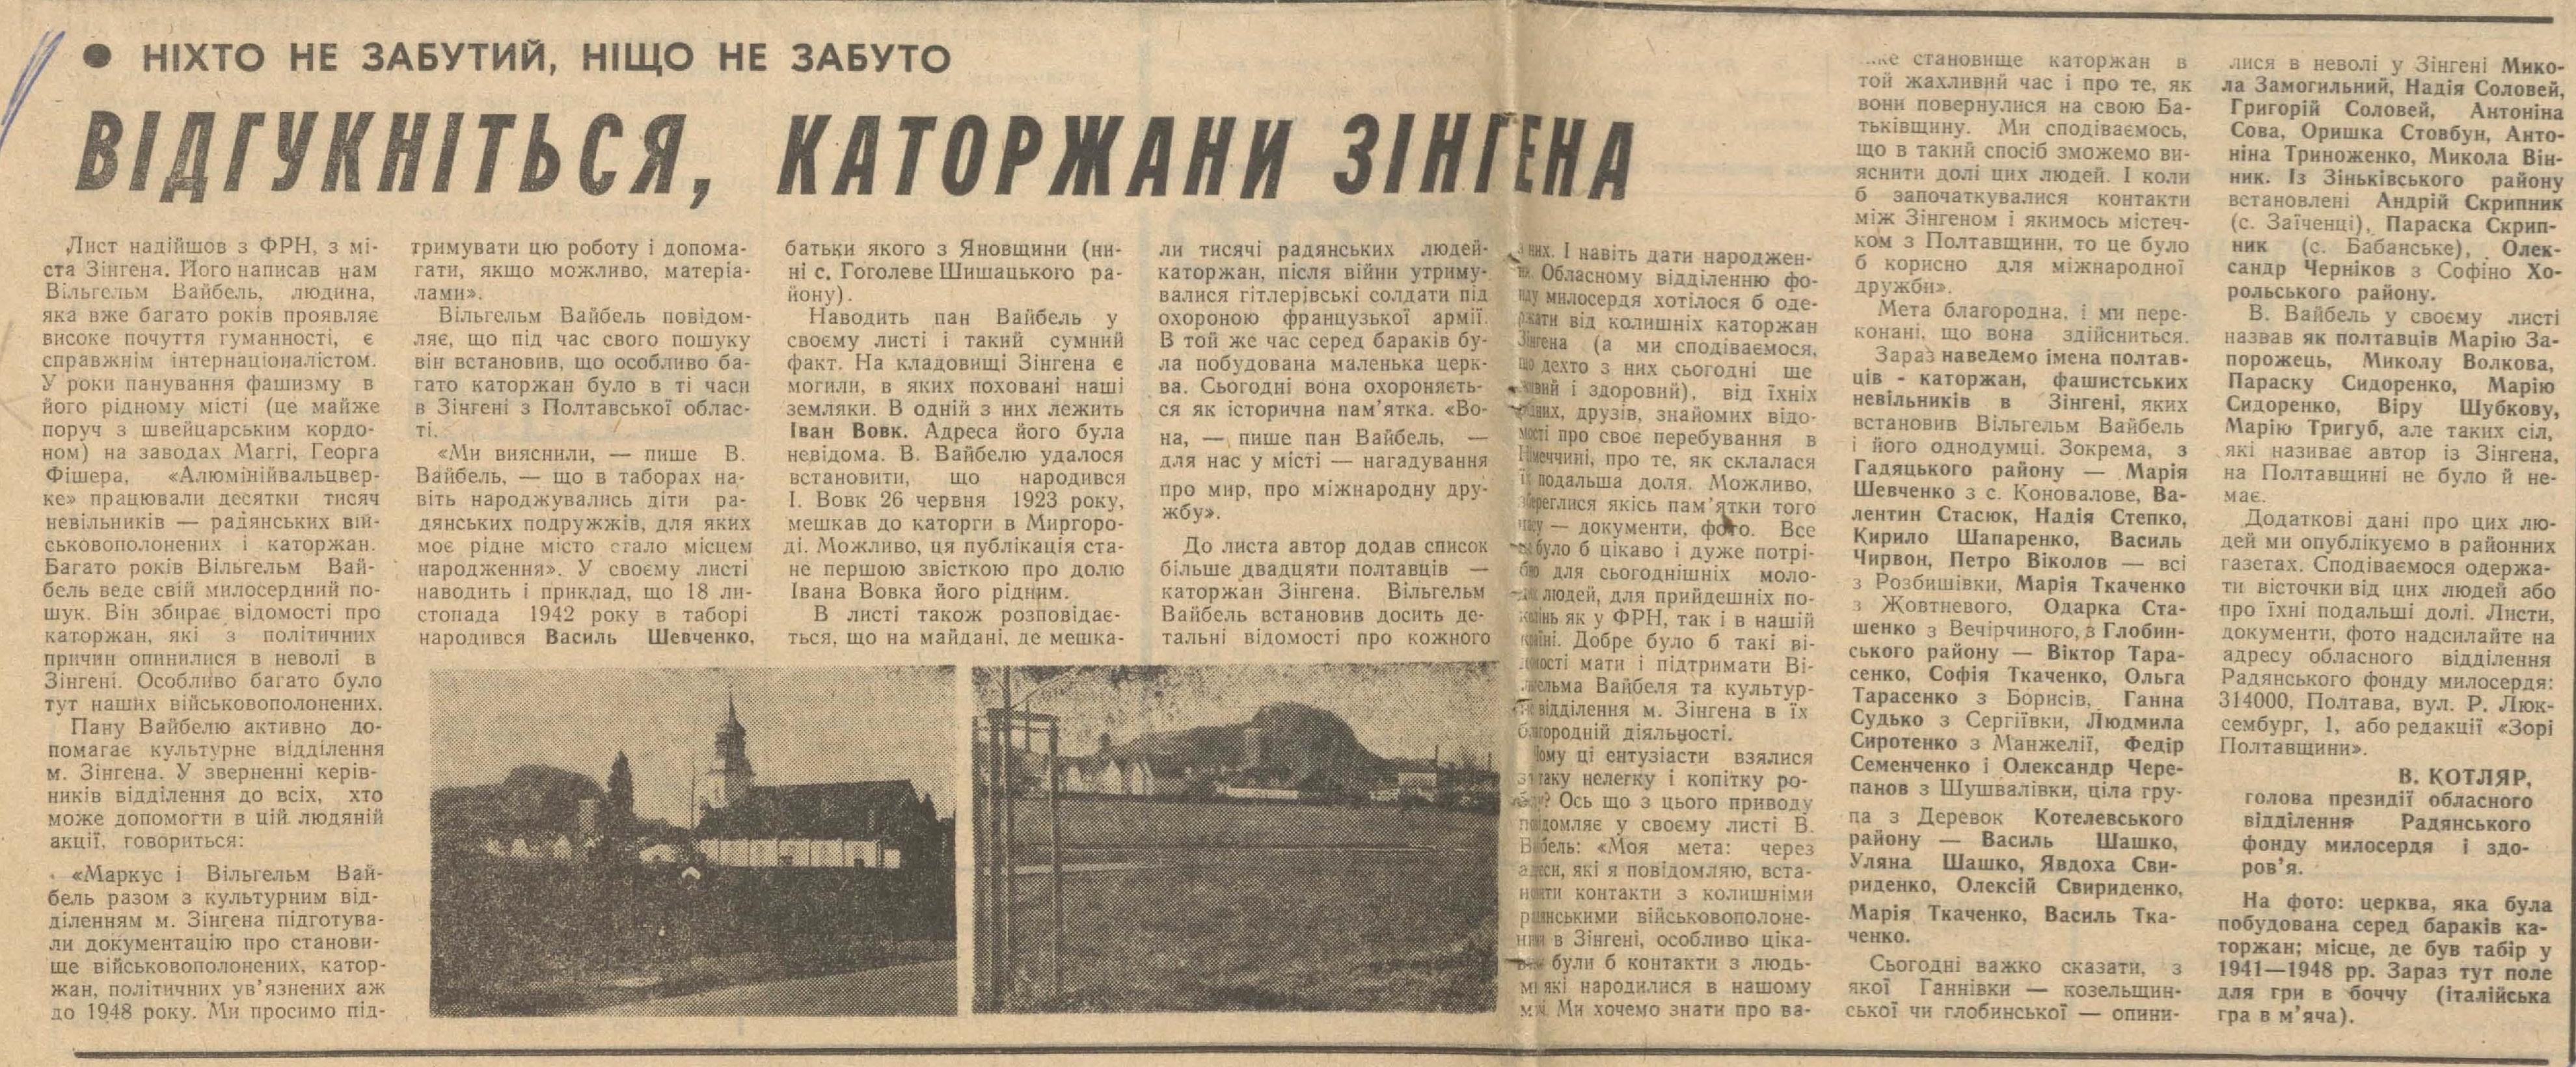 Август 1998 года, газета «Зоря Полтавщини». © Wilhelm Josef Waibel